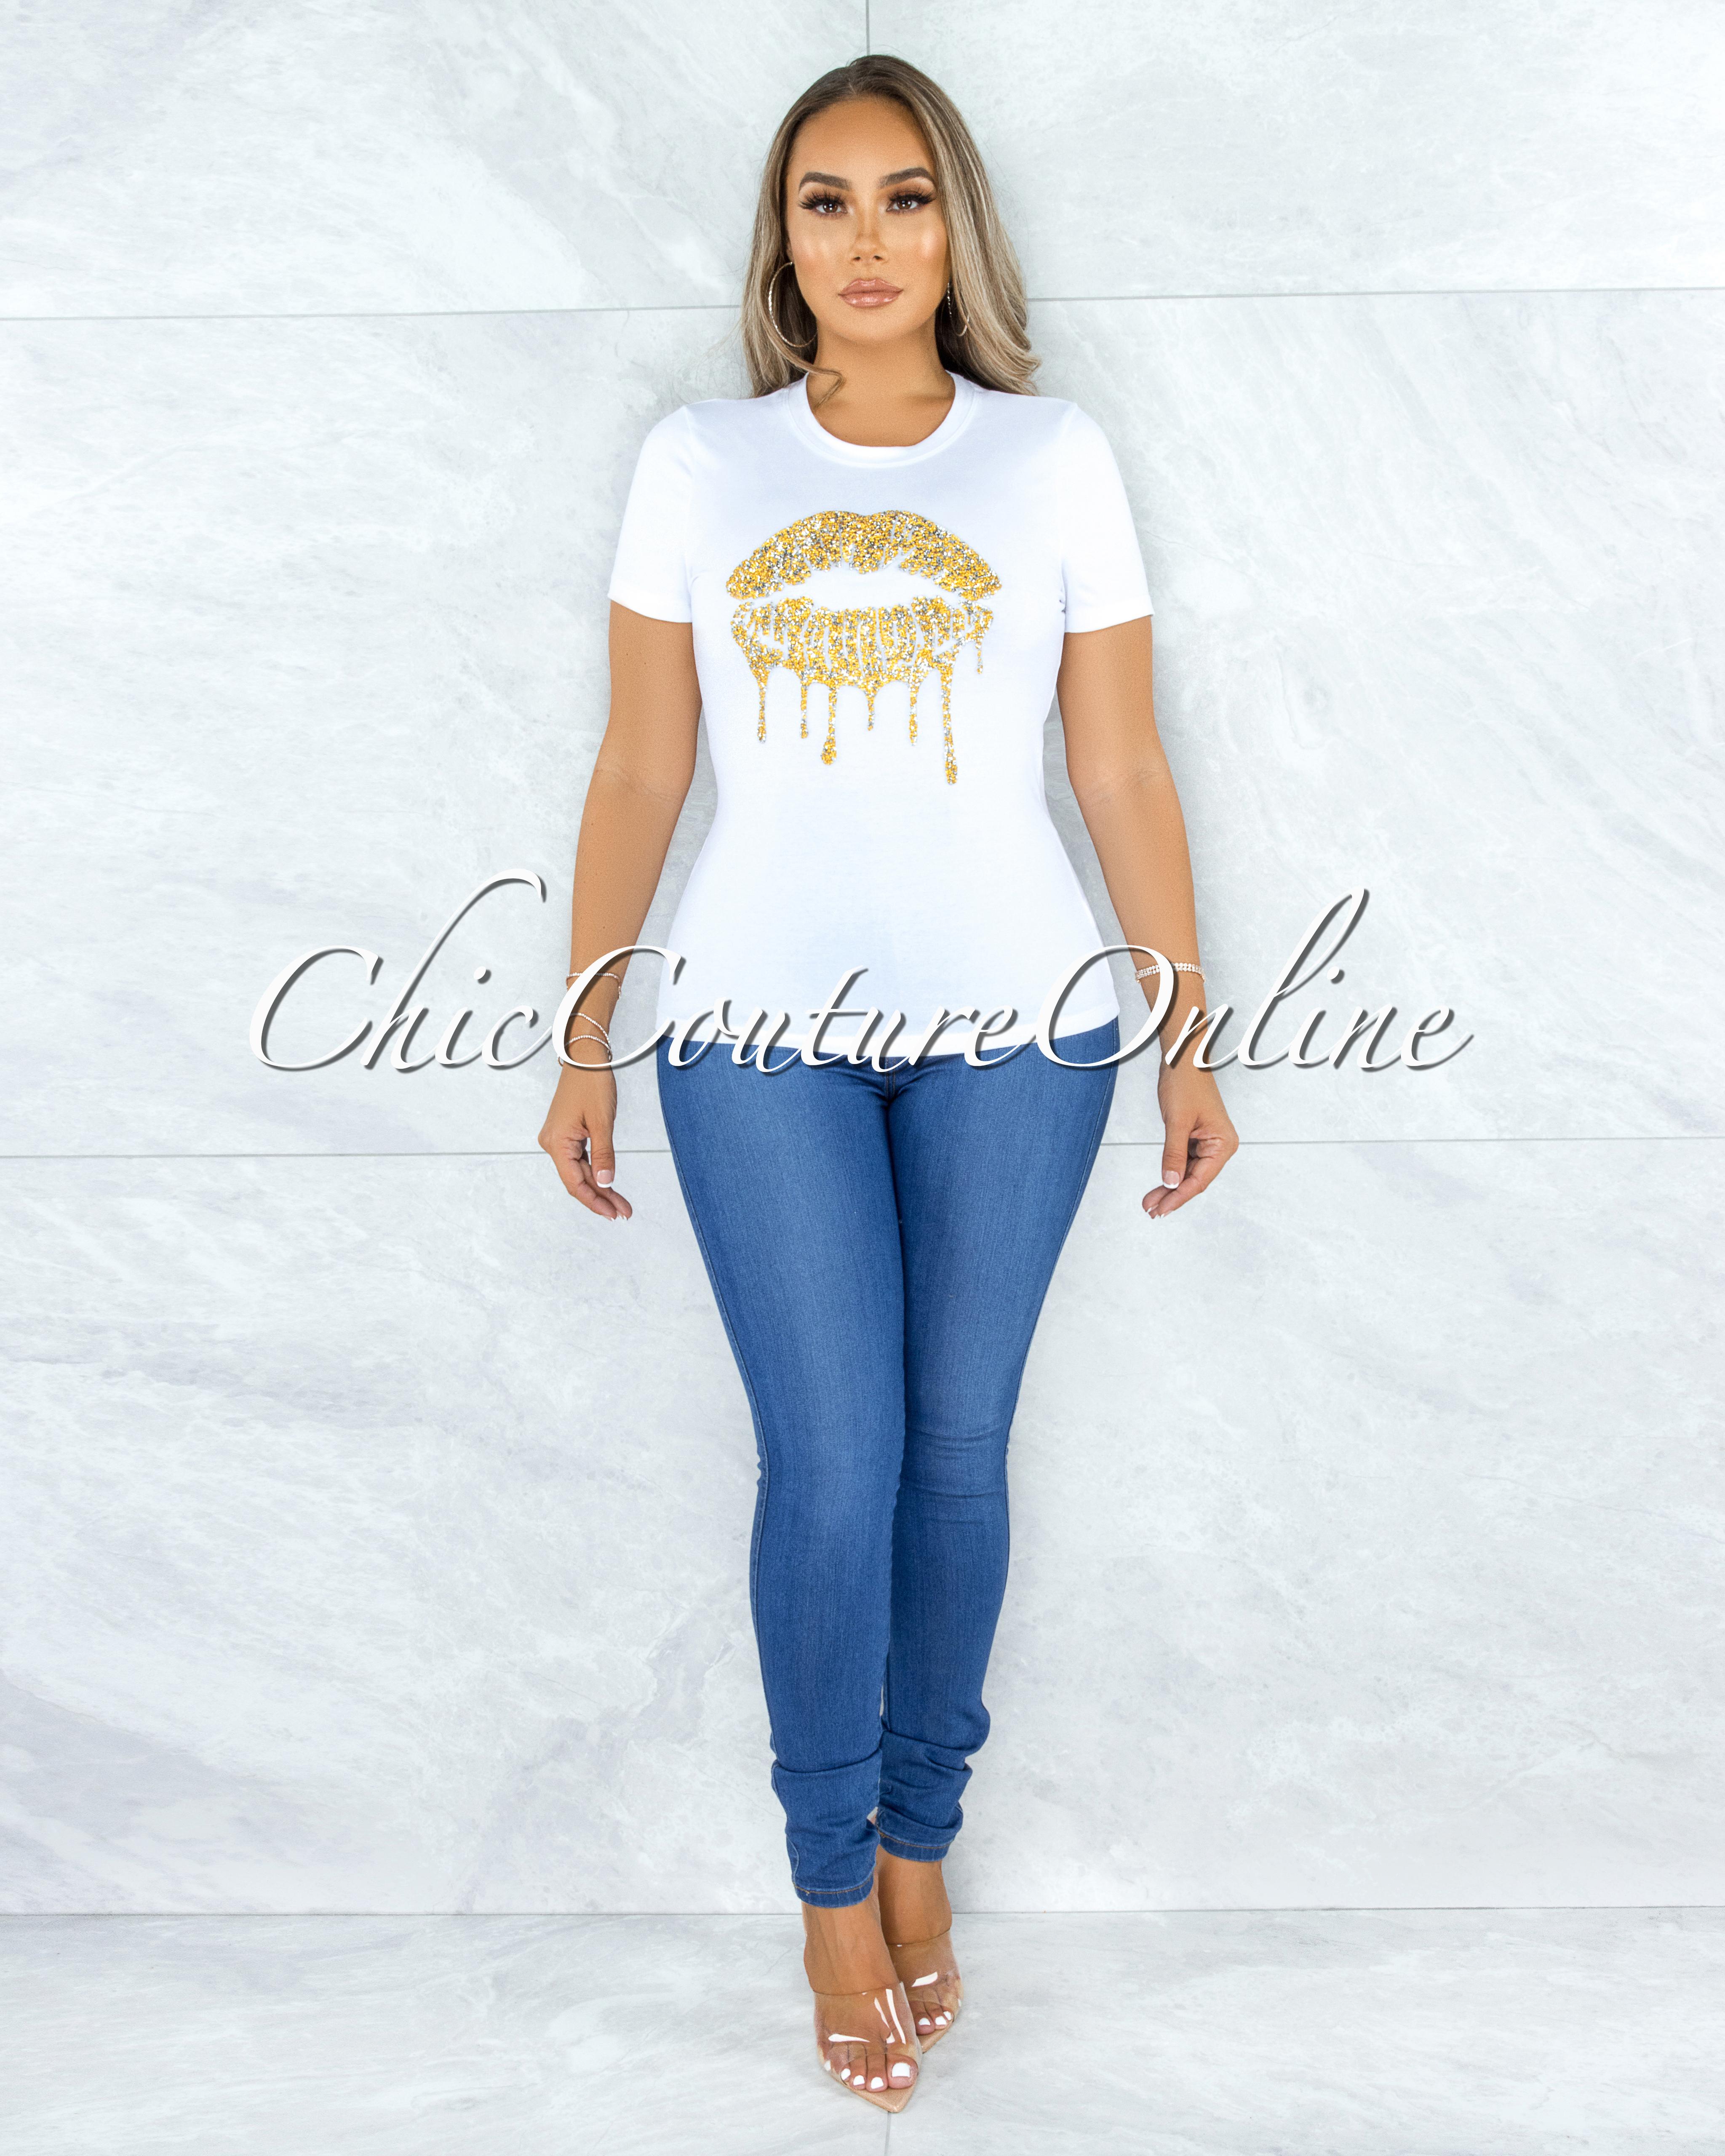 Fabrice Off-White Gold Rhinestones Lips Graphic T-Shirt